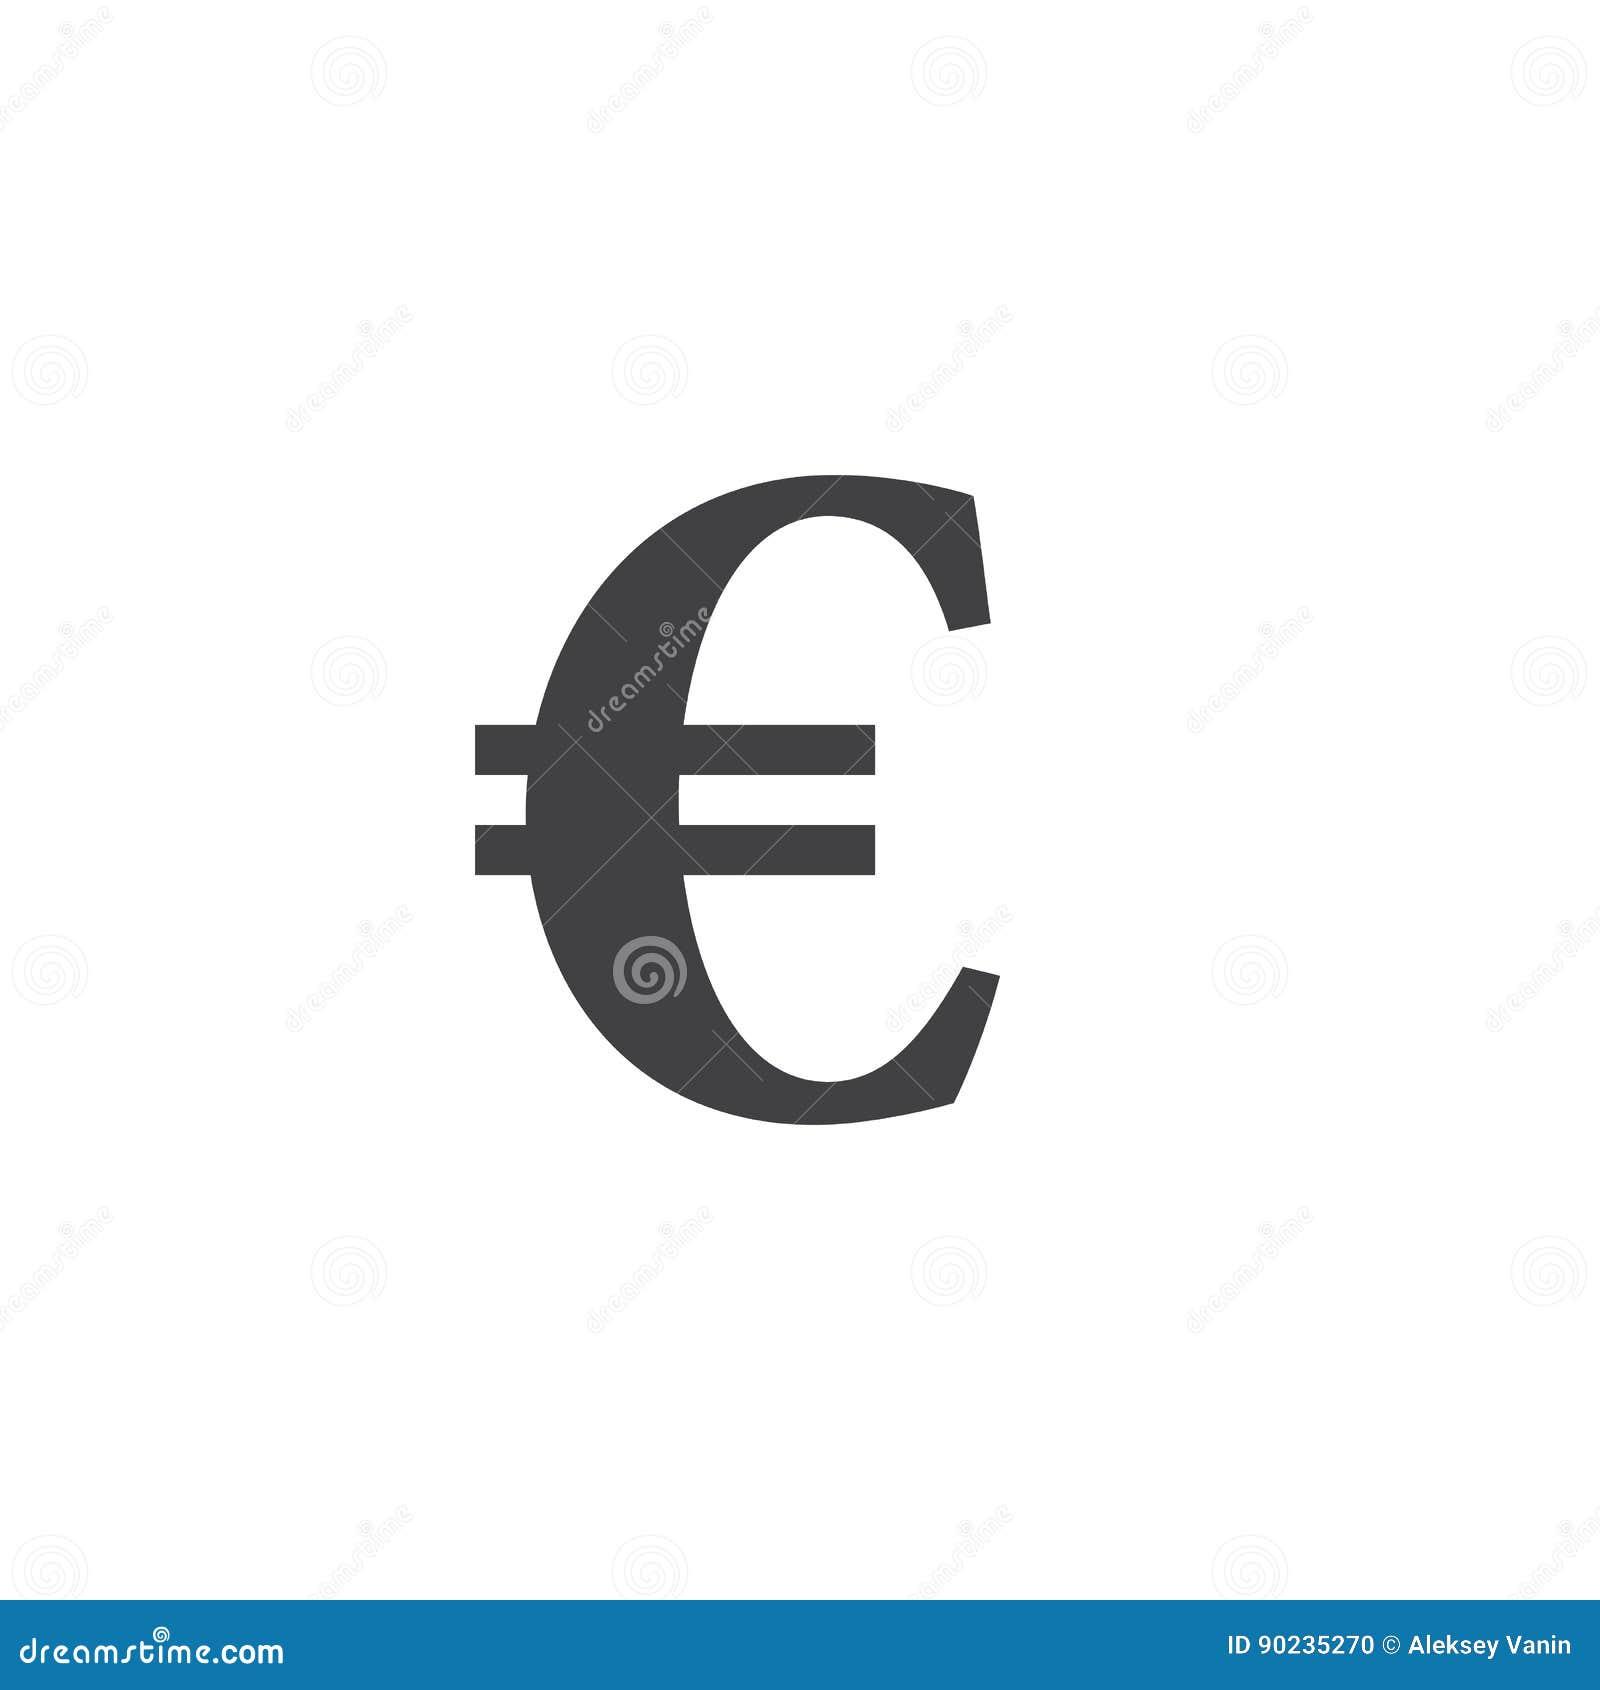 символ серии иллюстраций евро пламенистый подпишите, твердая иллюстрация логотипа, iso пиктограммы